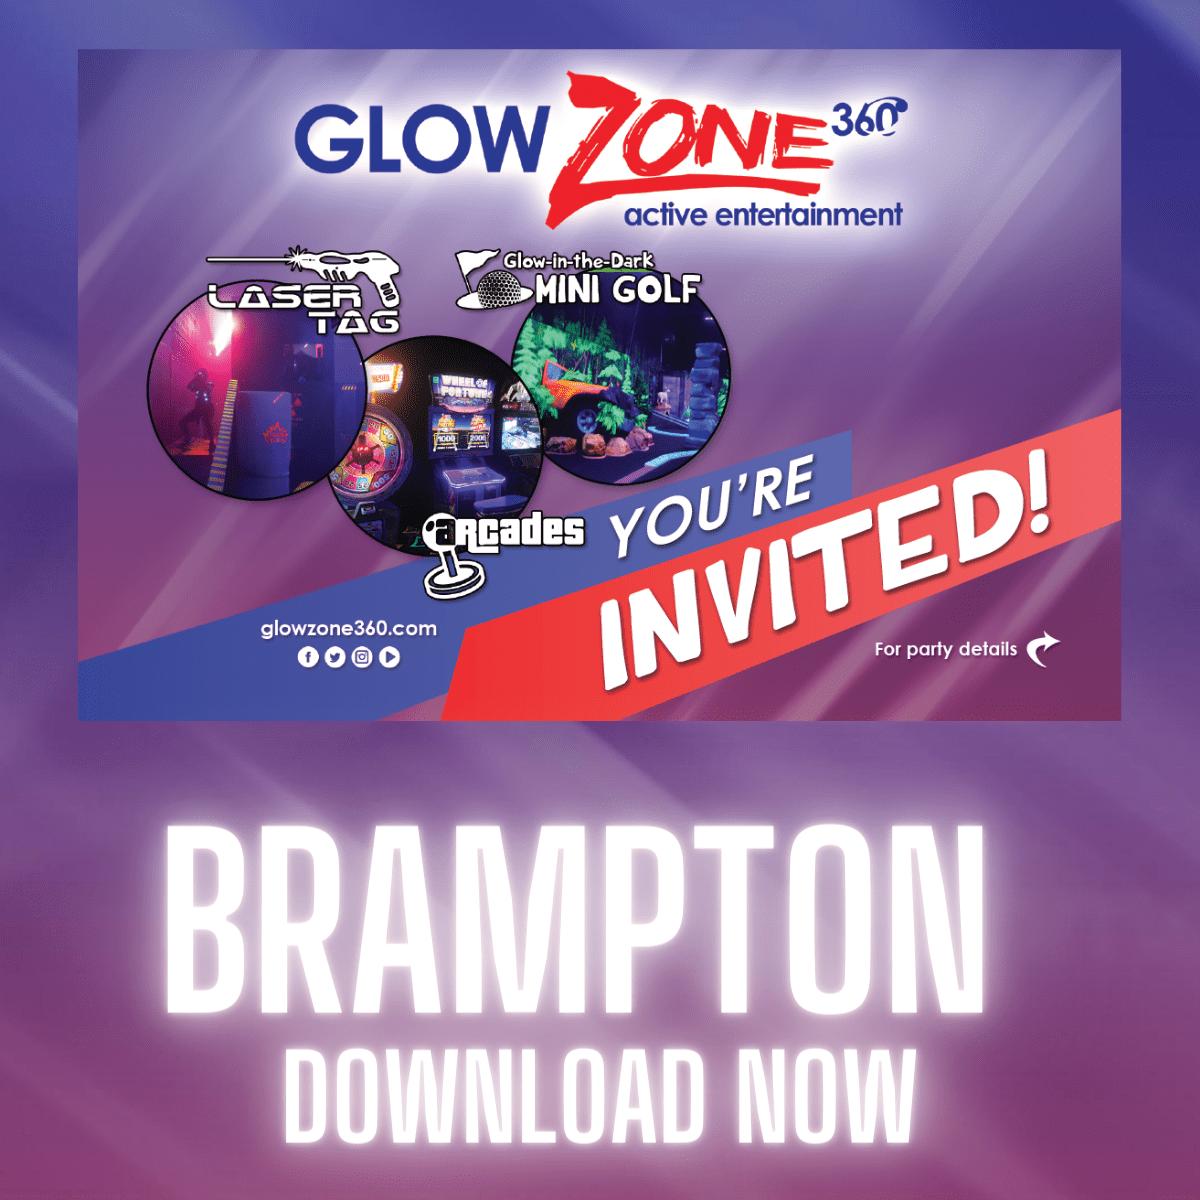 Brampton Party Invites